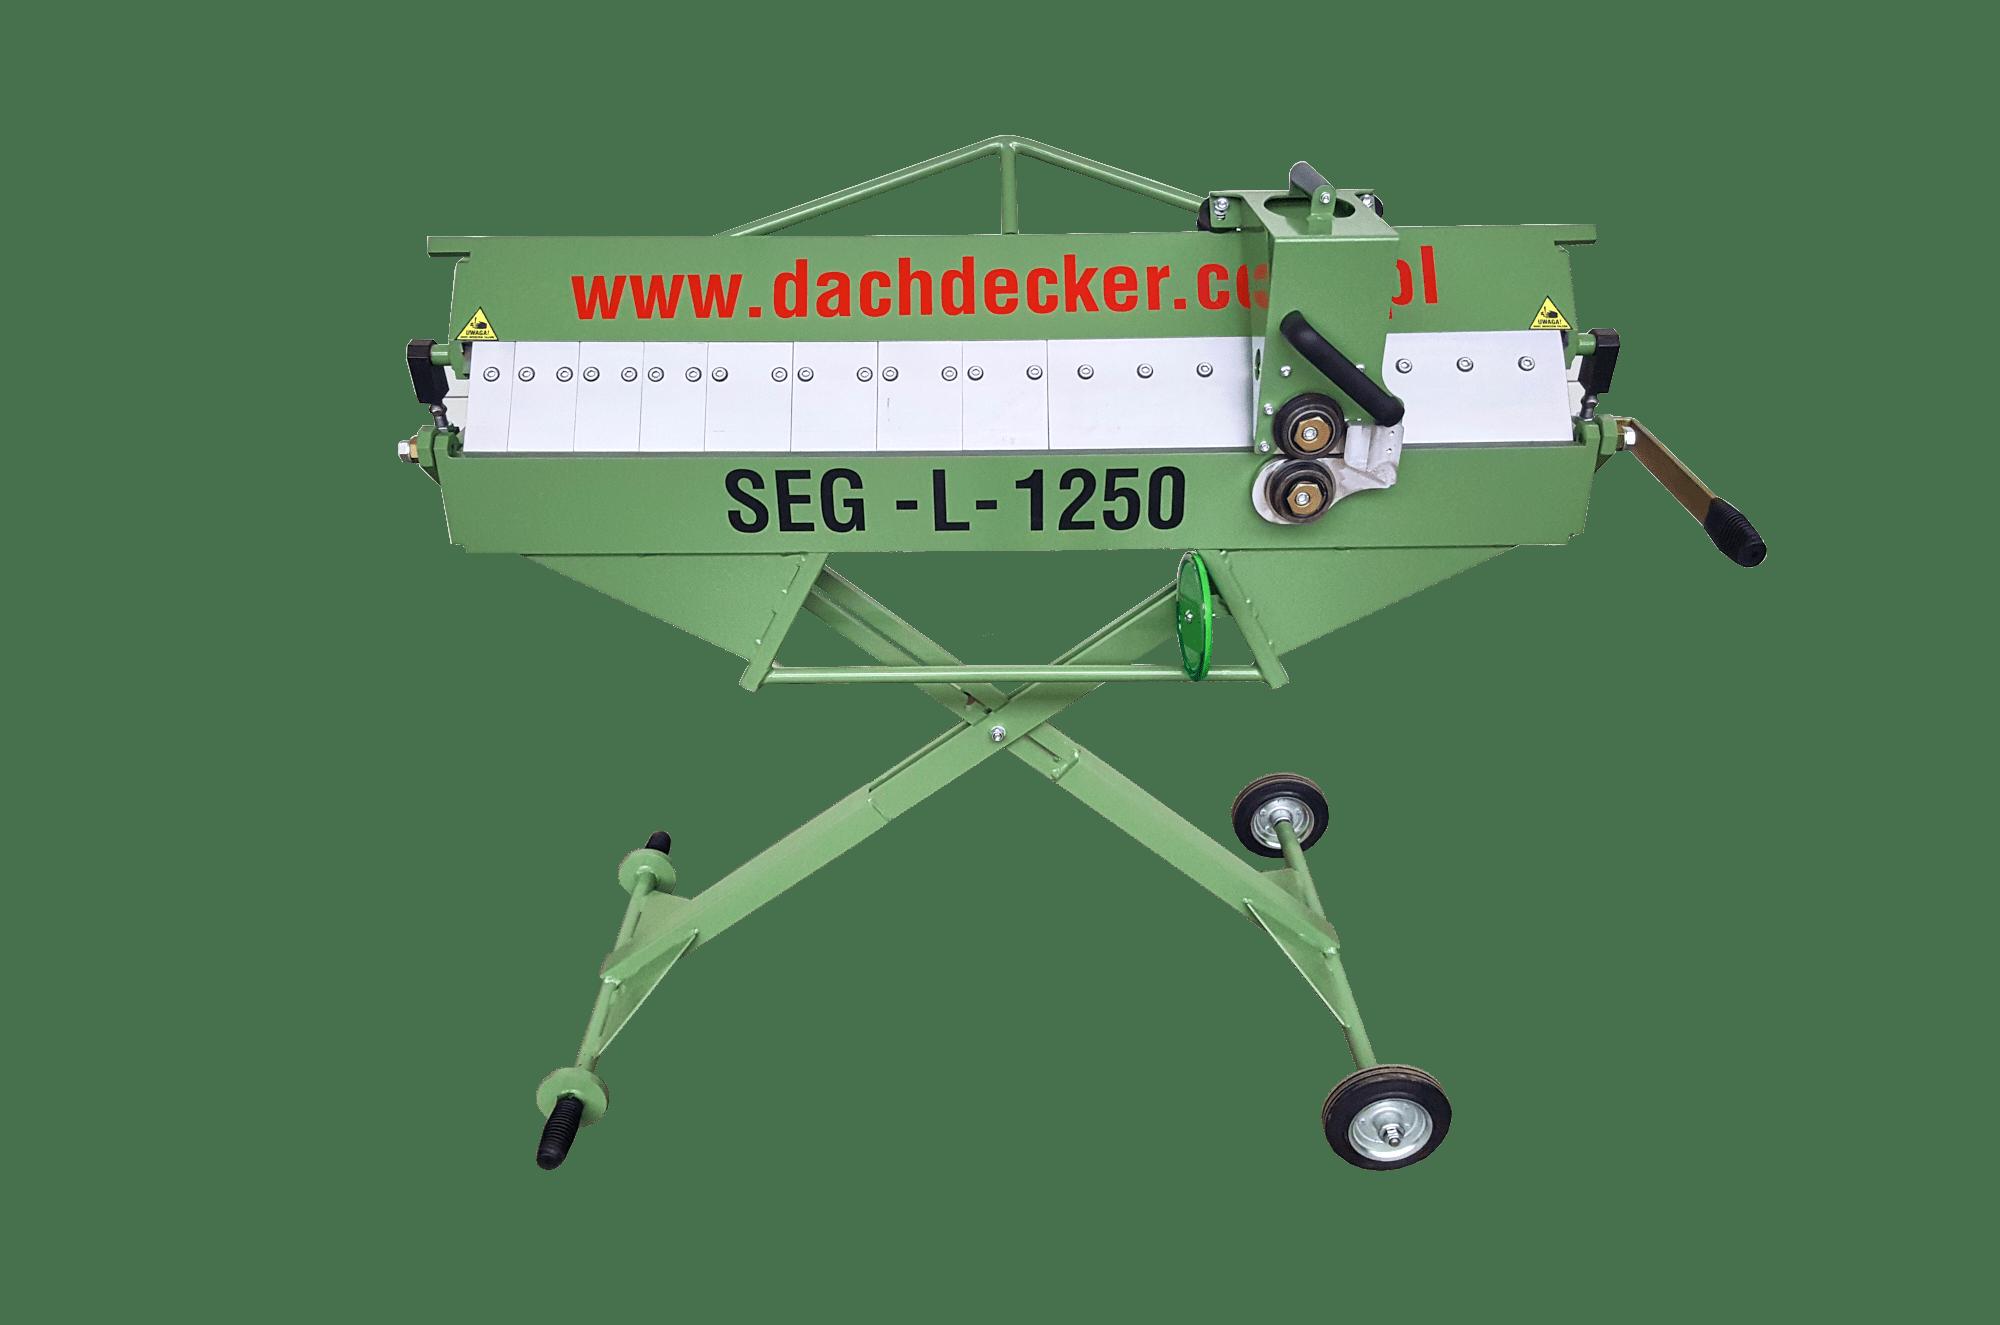 GIĘTARKA ZAGINARKA 1250 SEGMENTOWA MOBILNA_sk_dachdecker